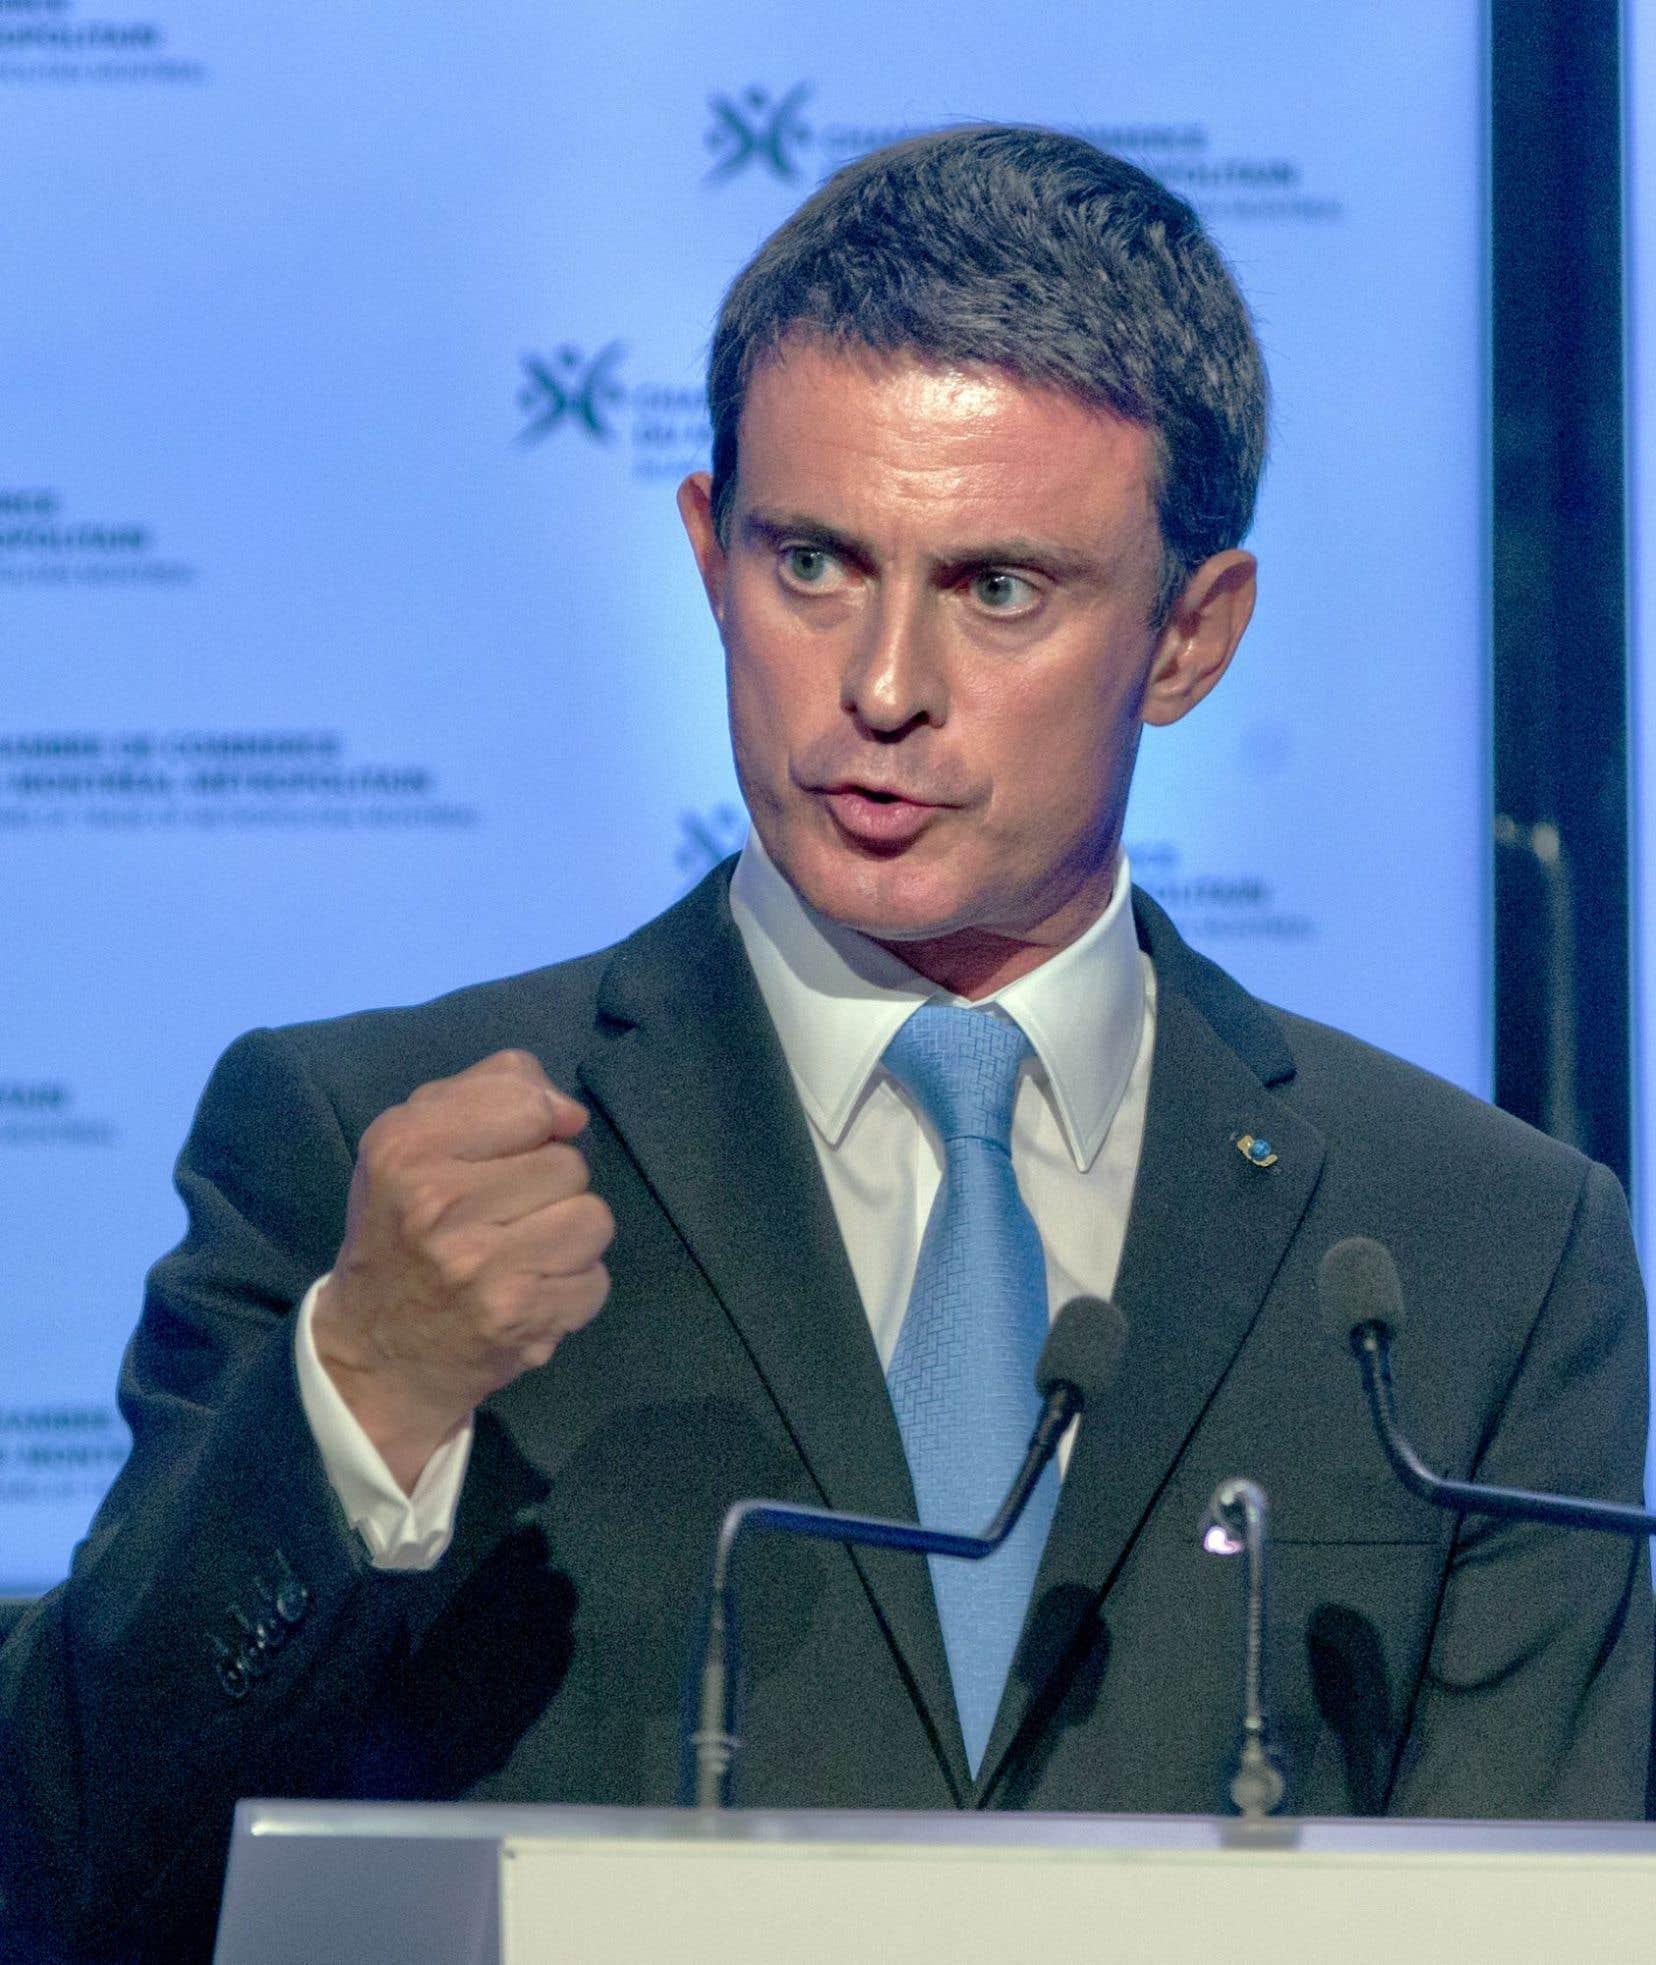 Le premier ministre de France, Manuel Valls